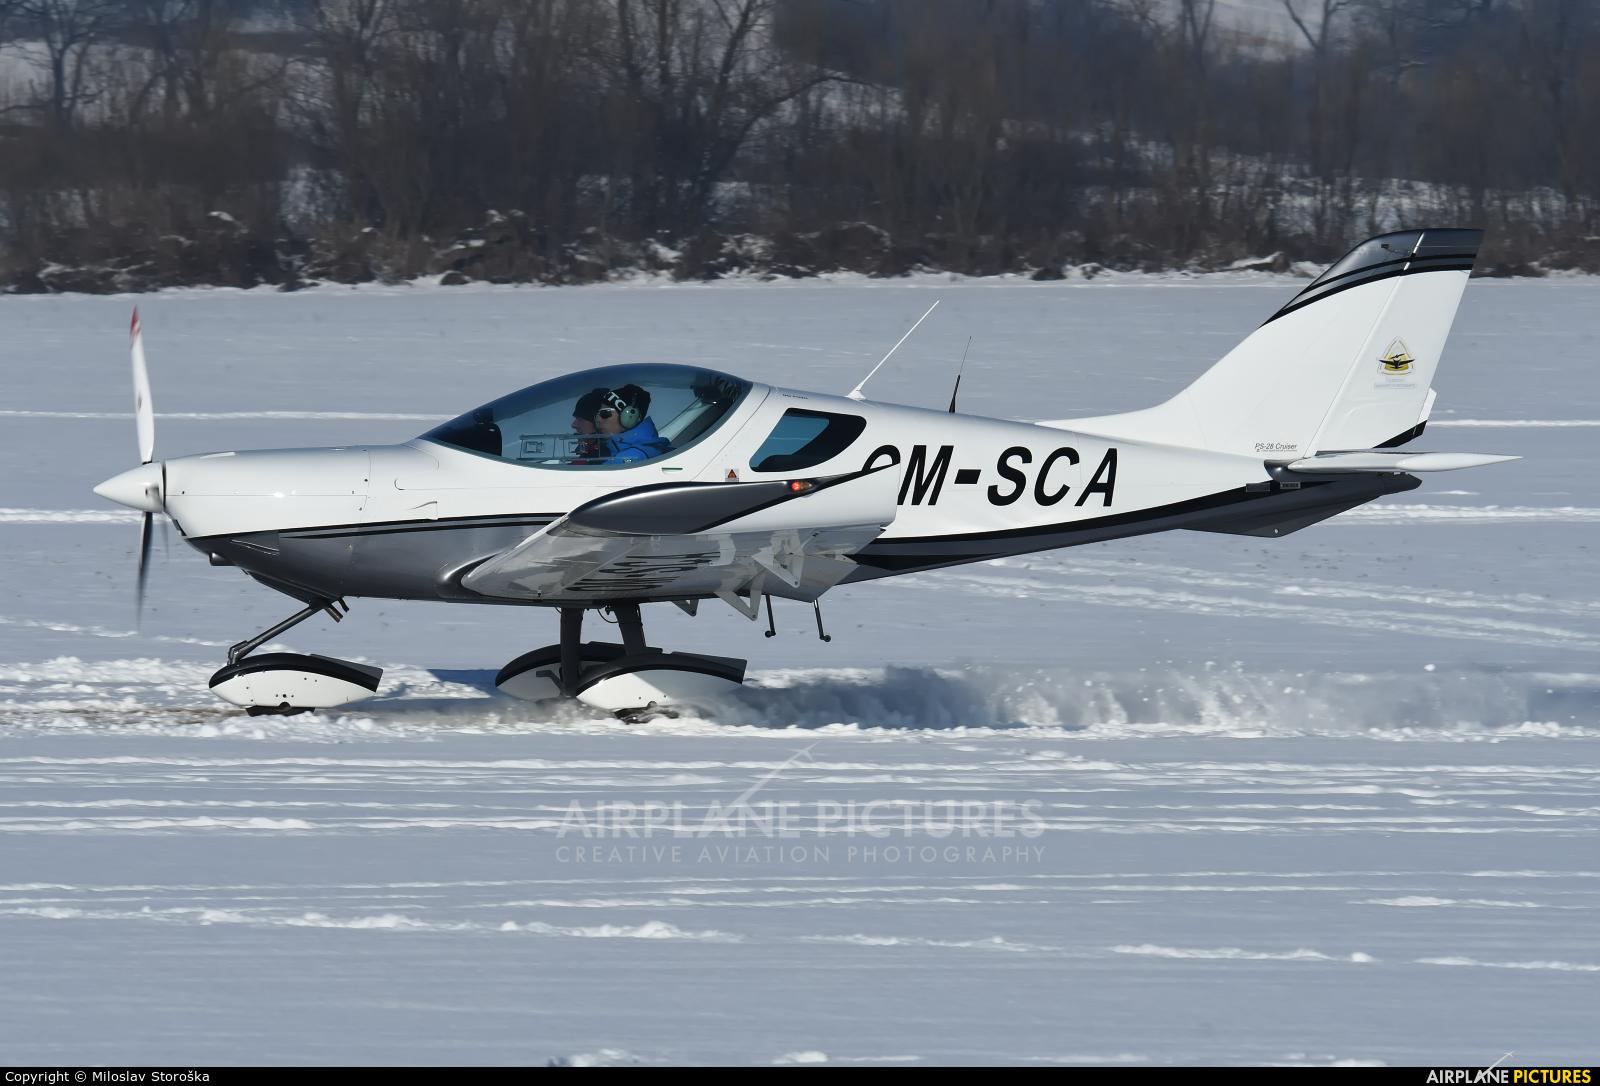 SkyService Flying School OM-SCA aircraft at Očová